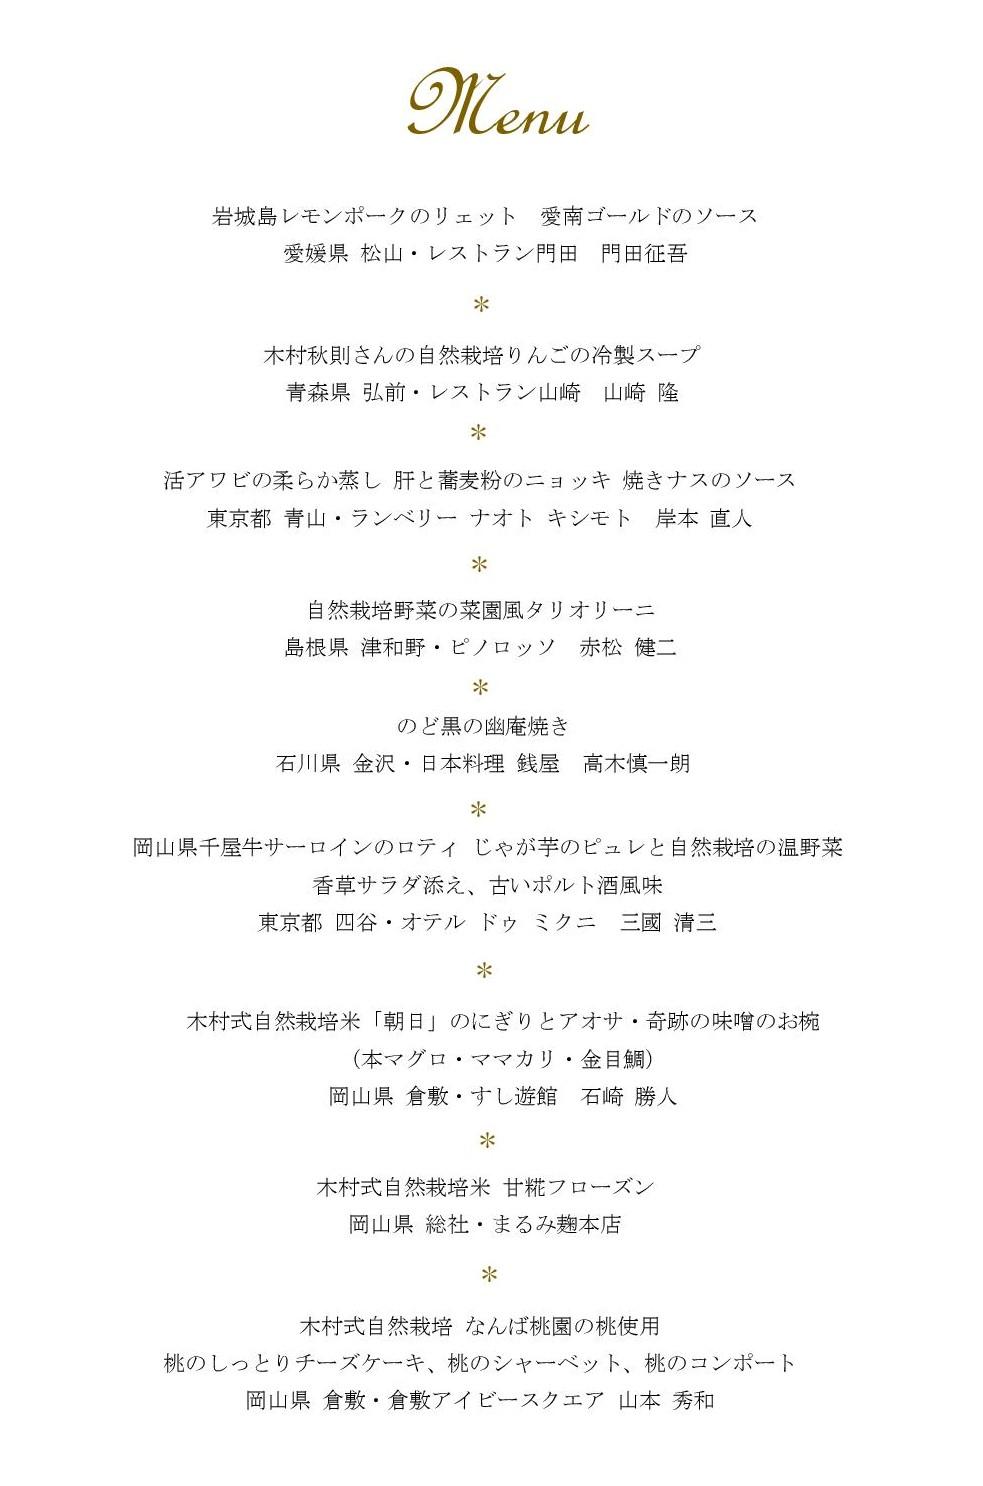 「夢のディナー in 倉敷」 メニュー